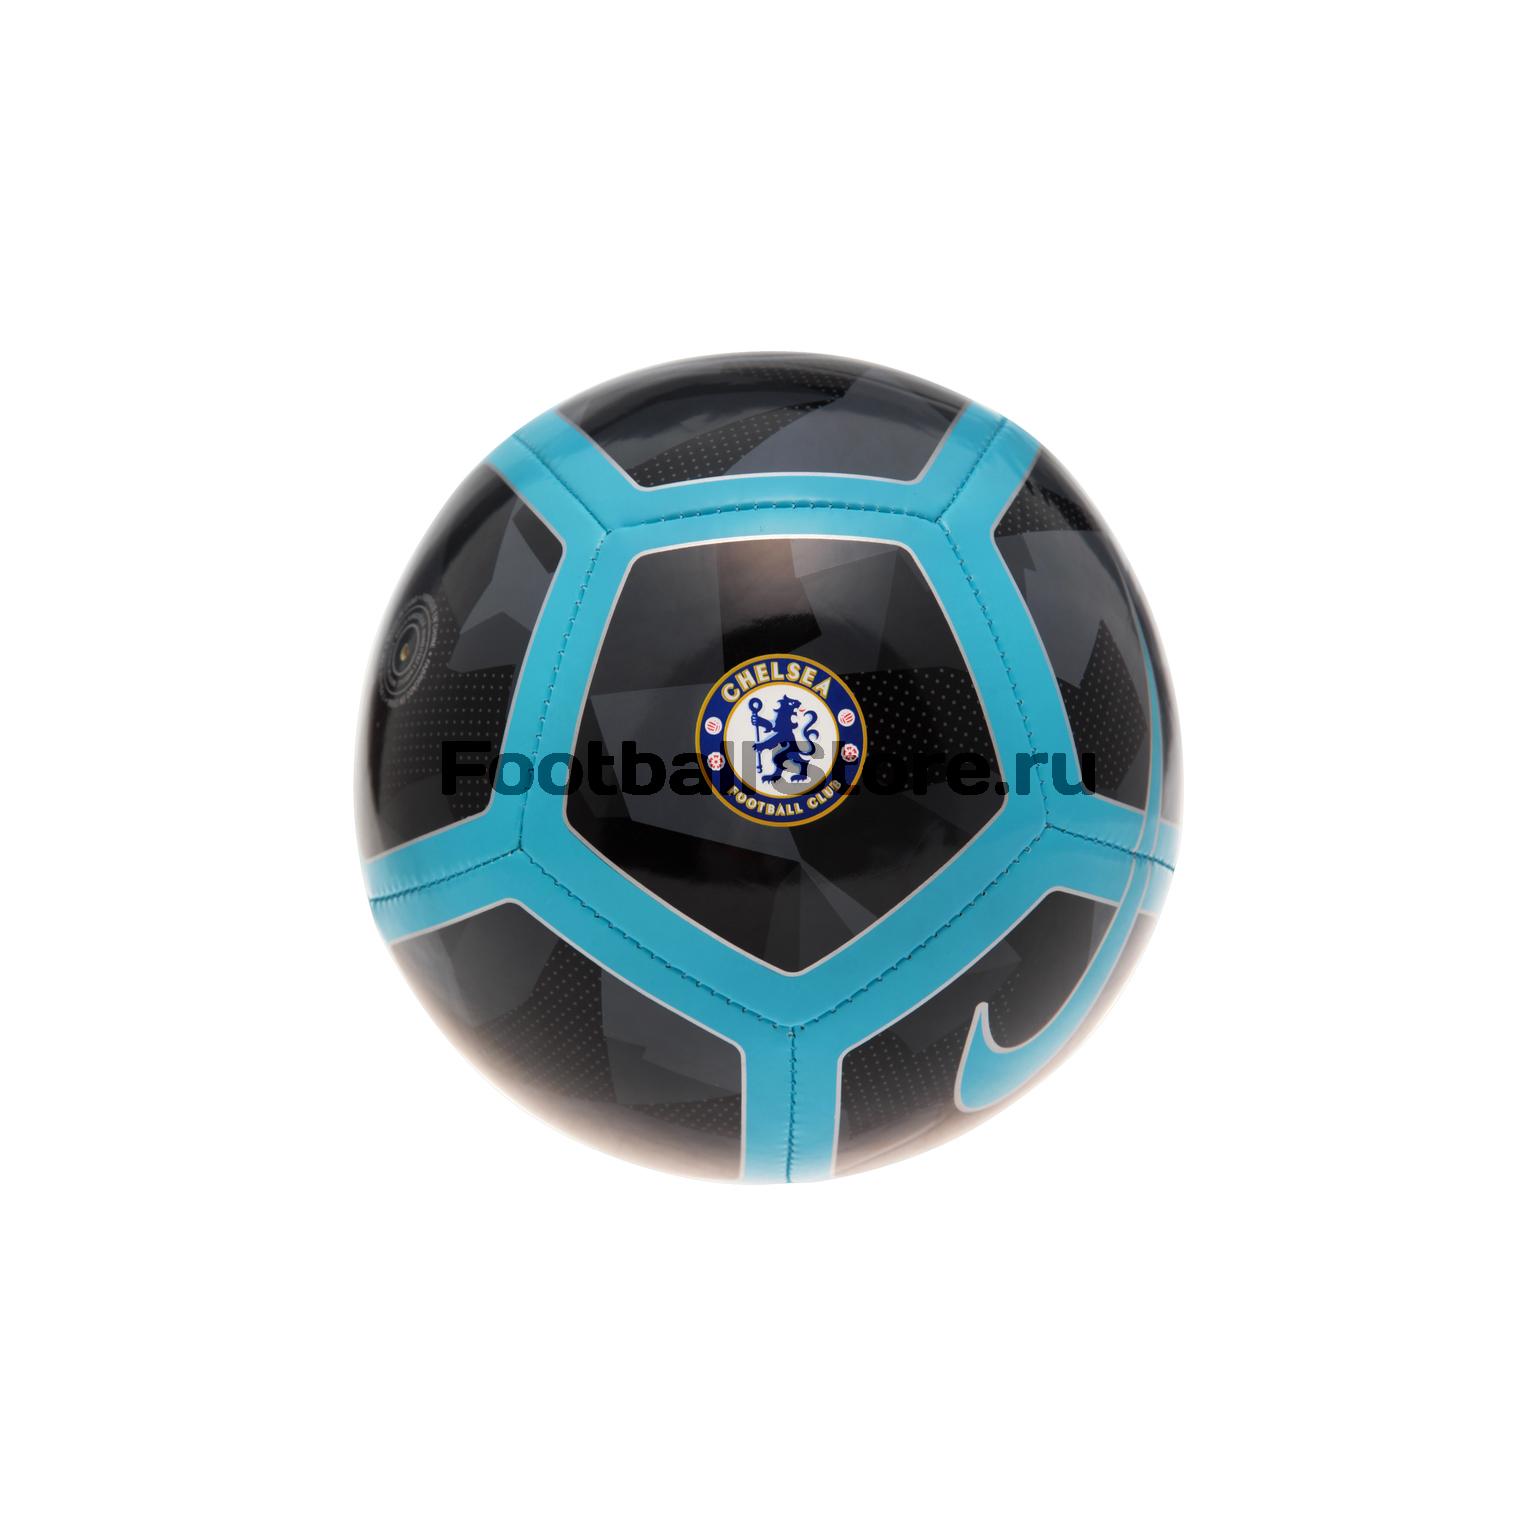 Футбольный мяч сувенирный Nike Chelsea SC3265-060 chelsea nike перчатки тренировочные nike chelsea gs0353 060